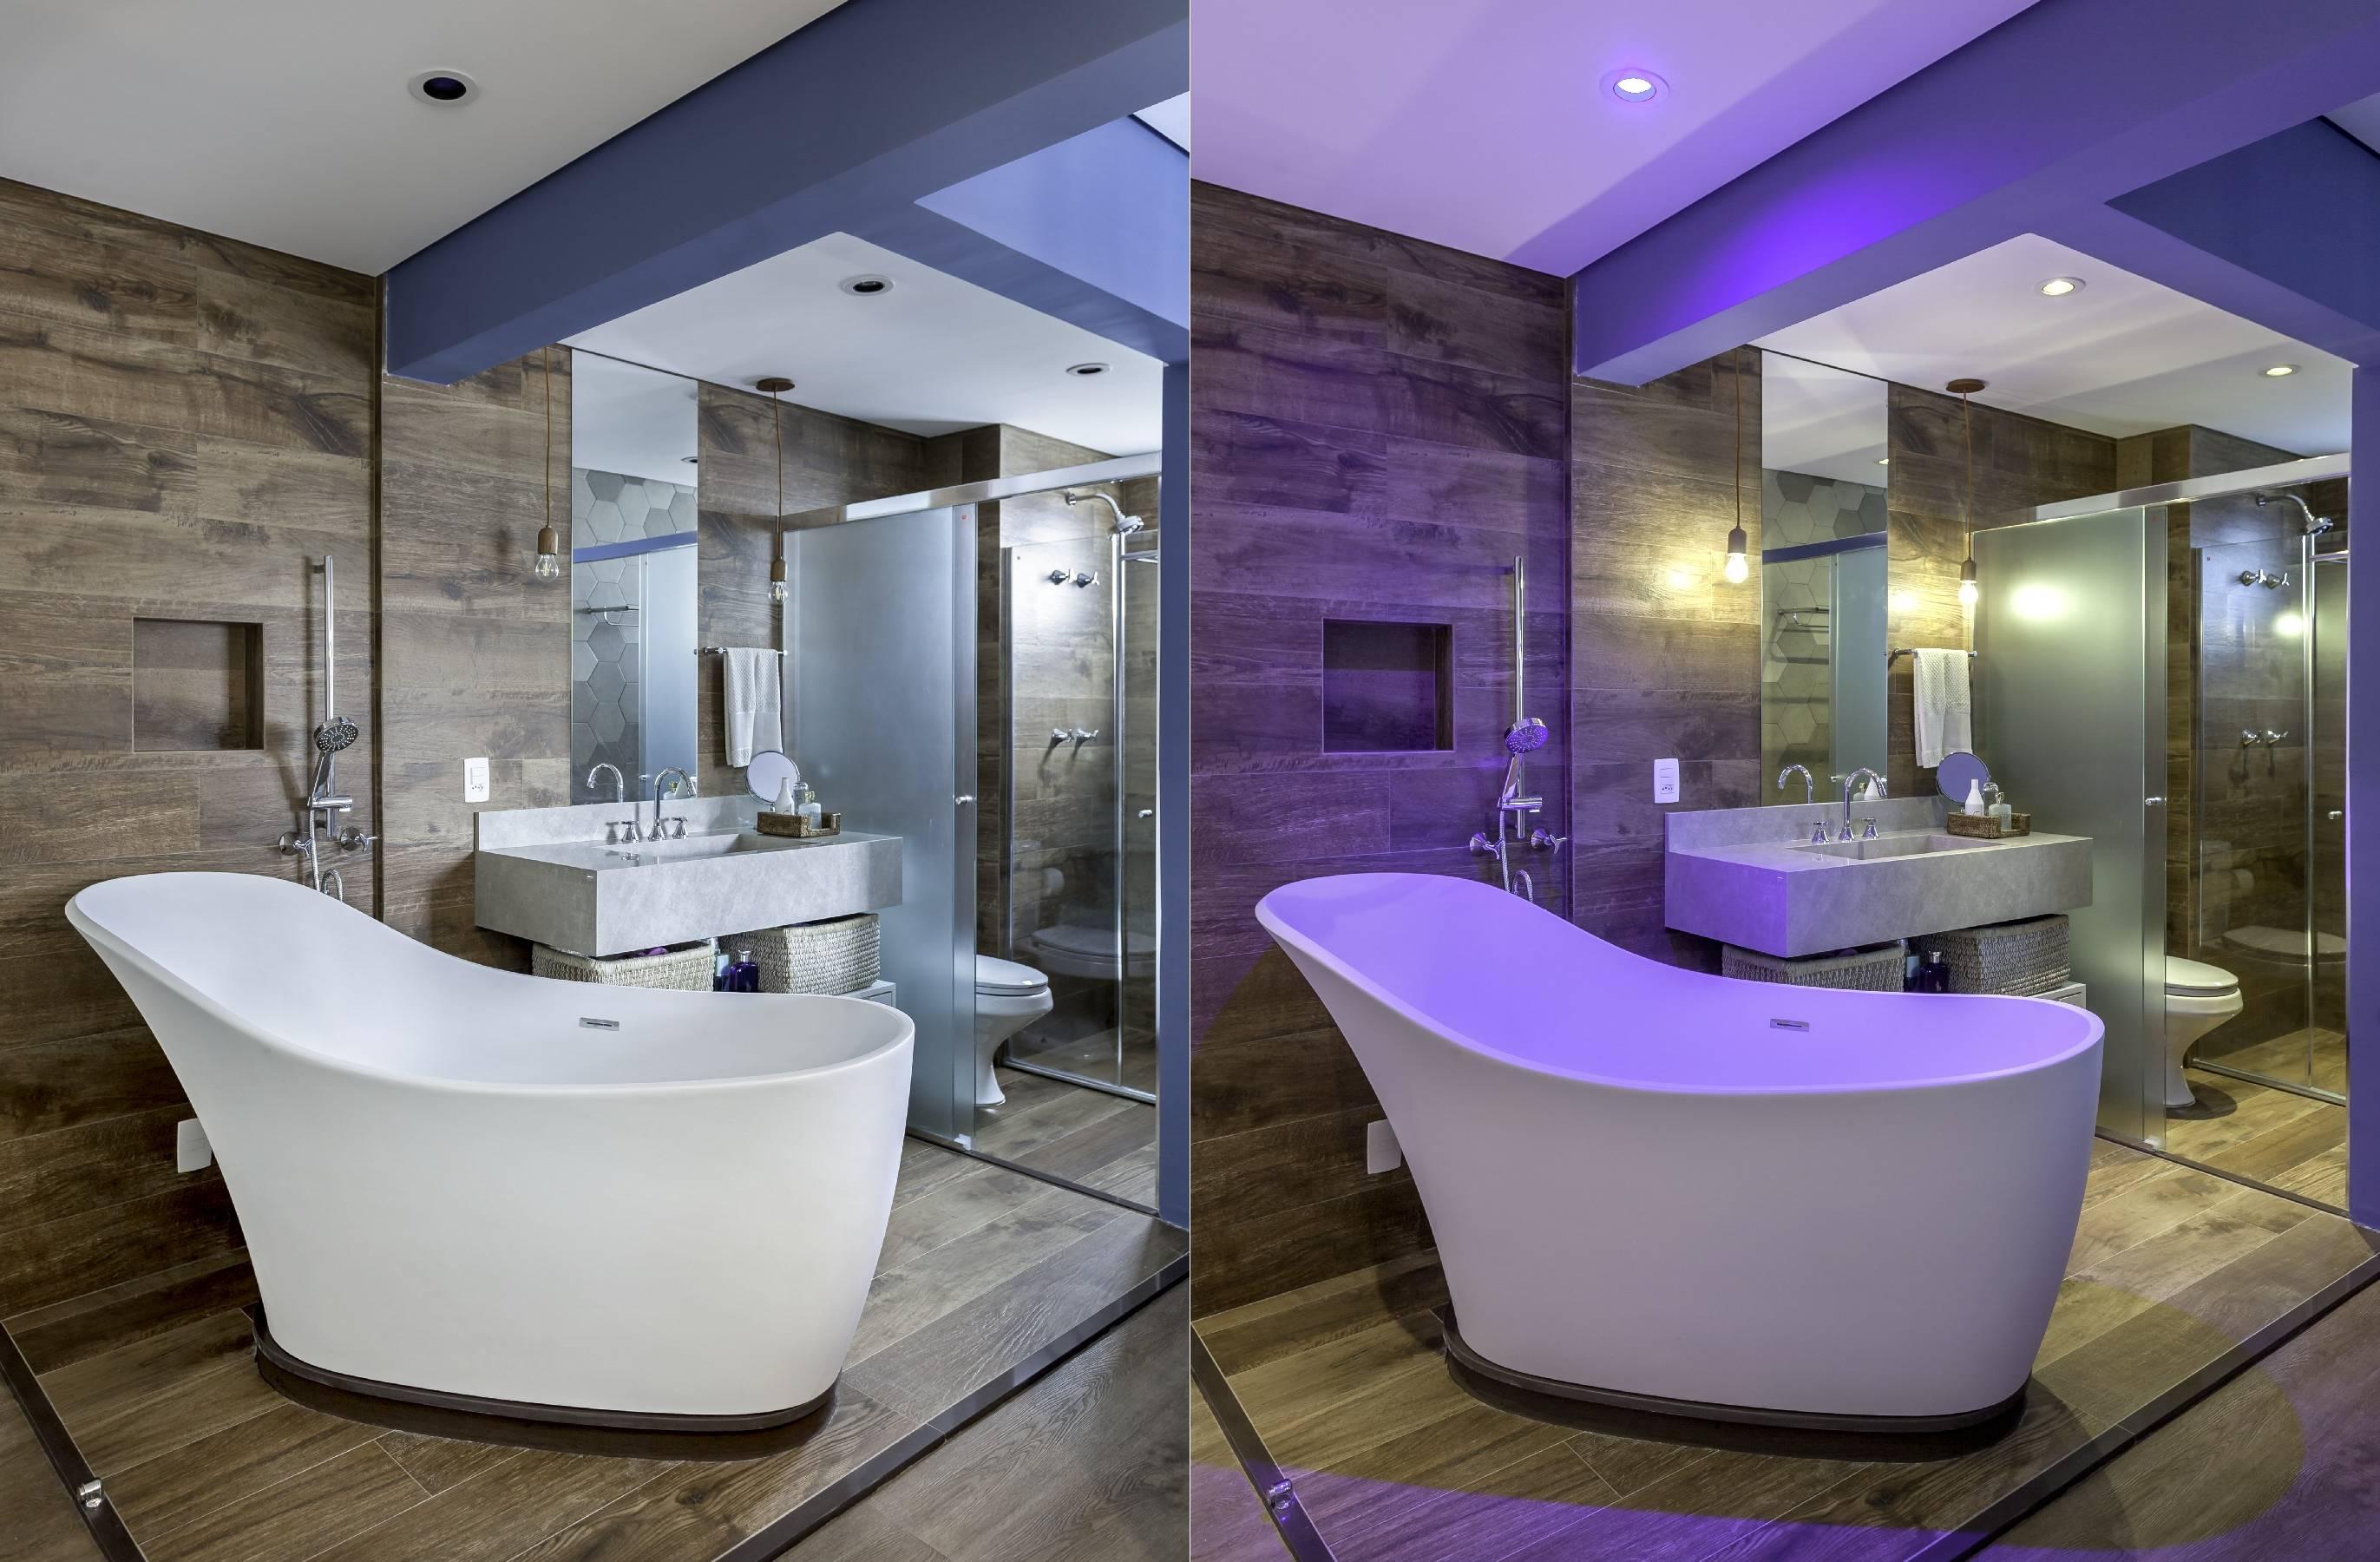 A iluminação azul foi utilizada para tornar o ambiente mais relaxante.